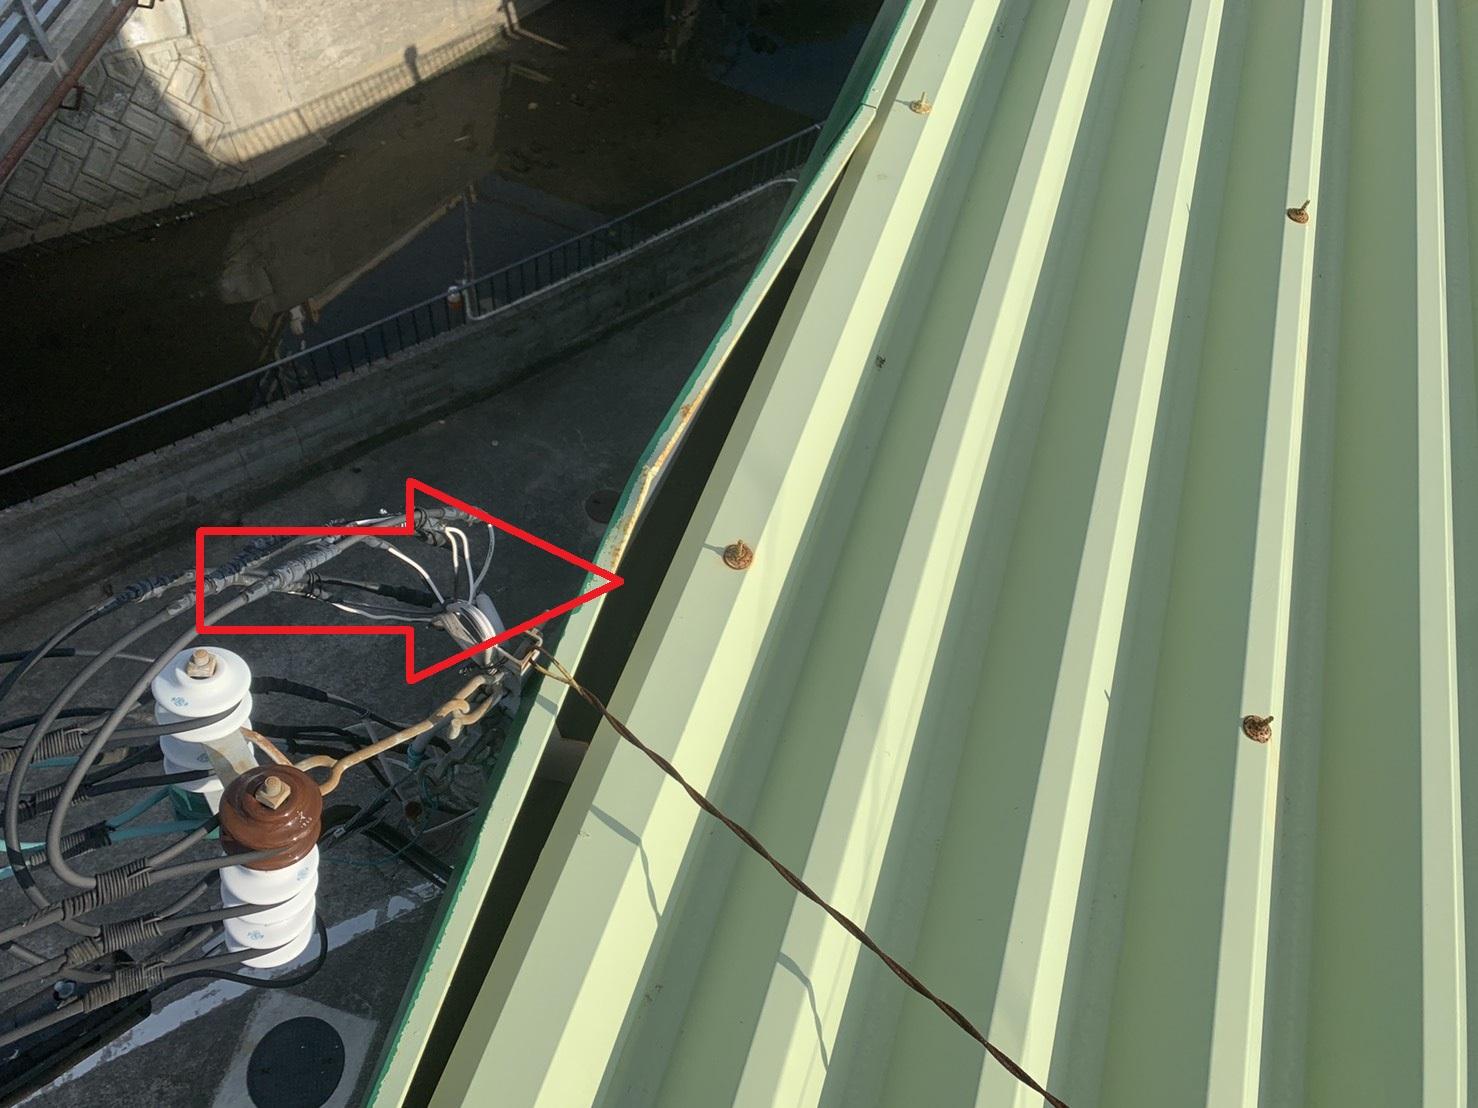 明石市での屋根診断で幕板が飛散し様な様子